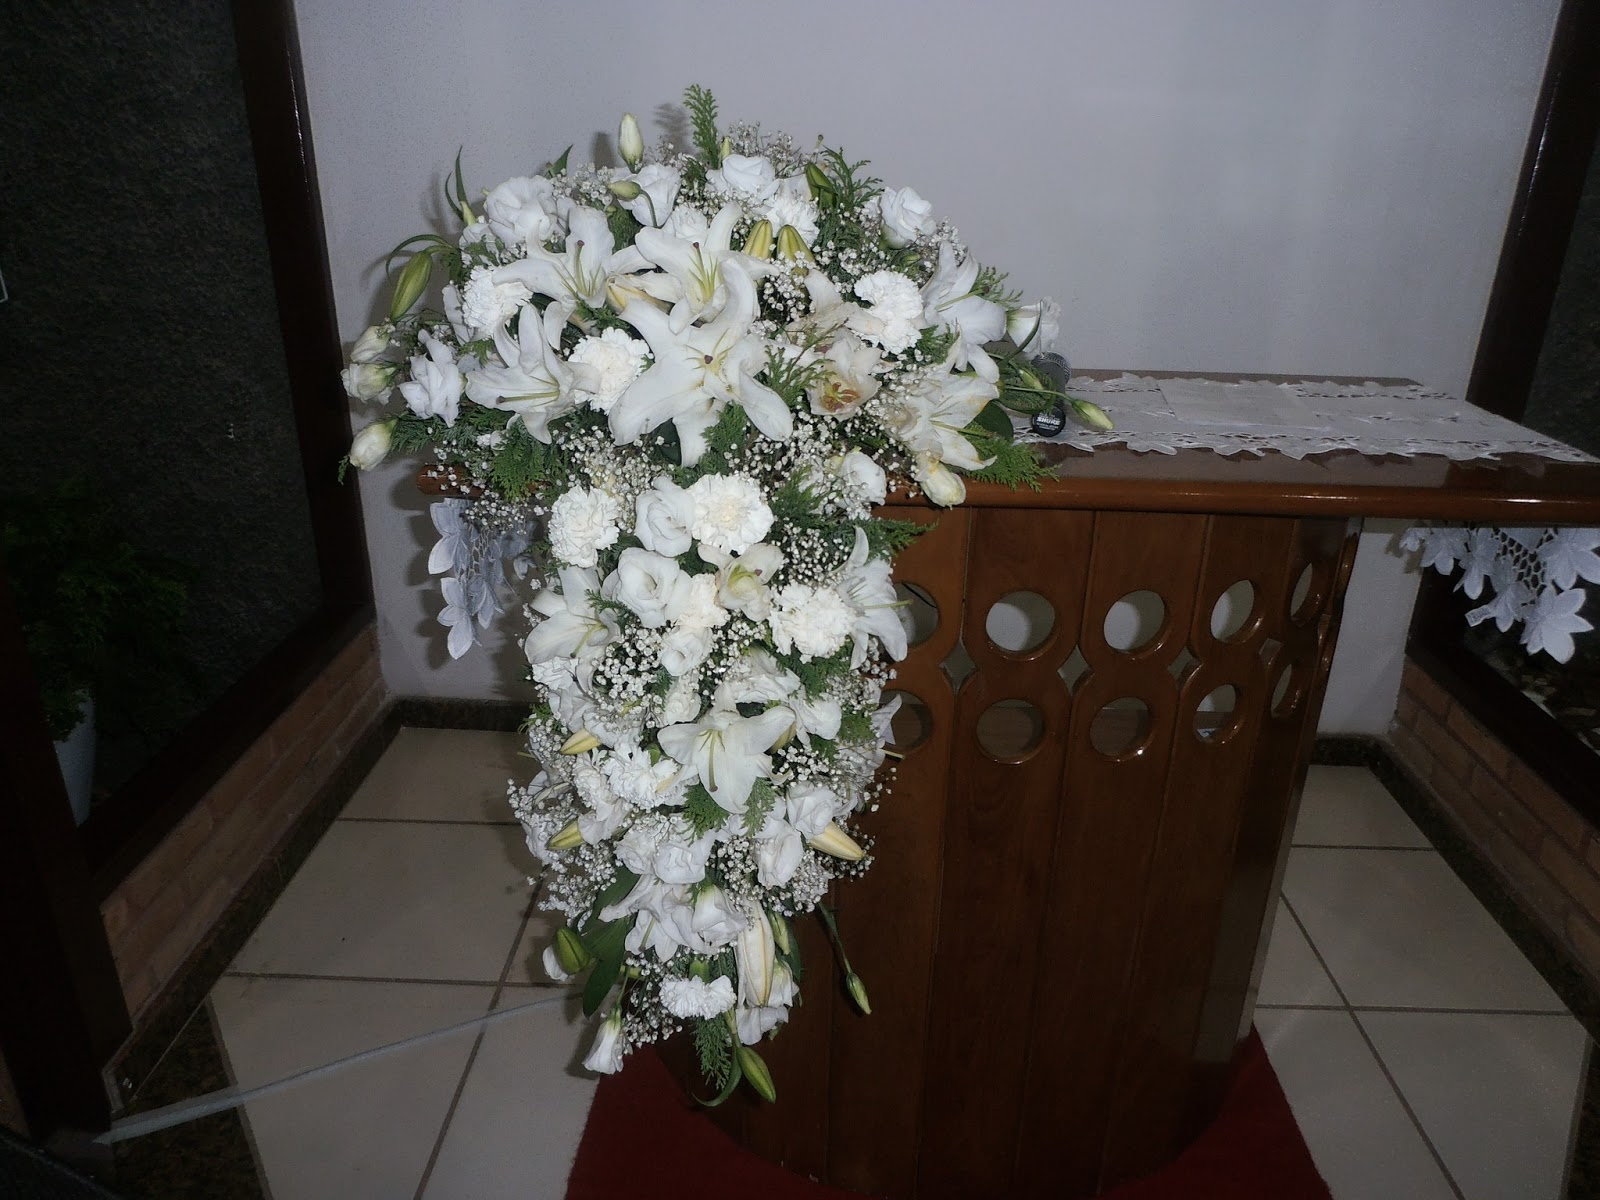 Fotos De Arranjos De Flores Icm - Saiba como fazer o arranjo de flores de corte durar mais e